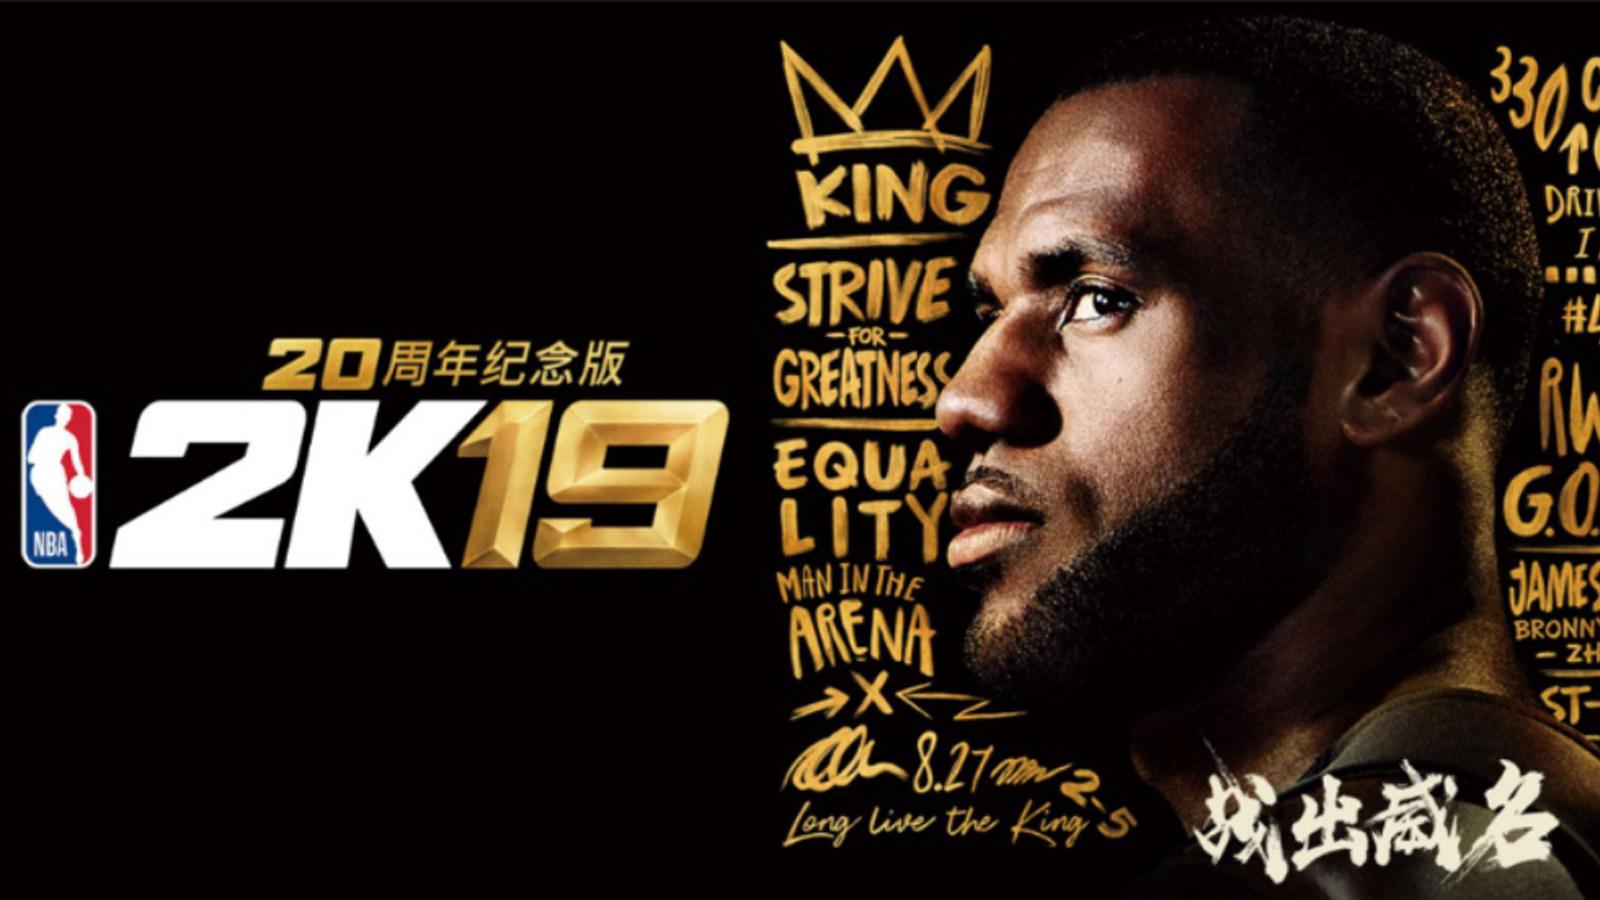 国行版《NBA 2K19》将于5月27日正式登陆PS4平台